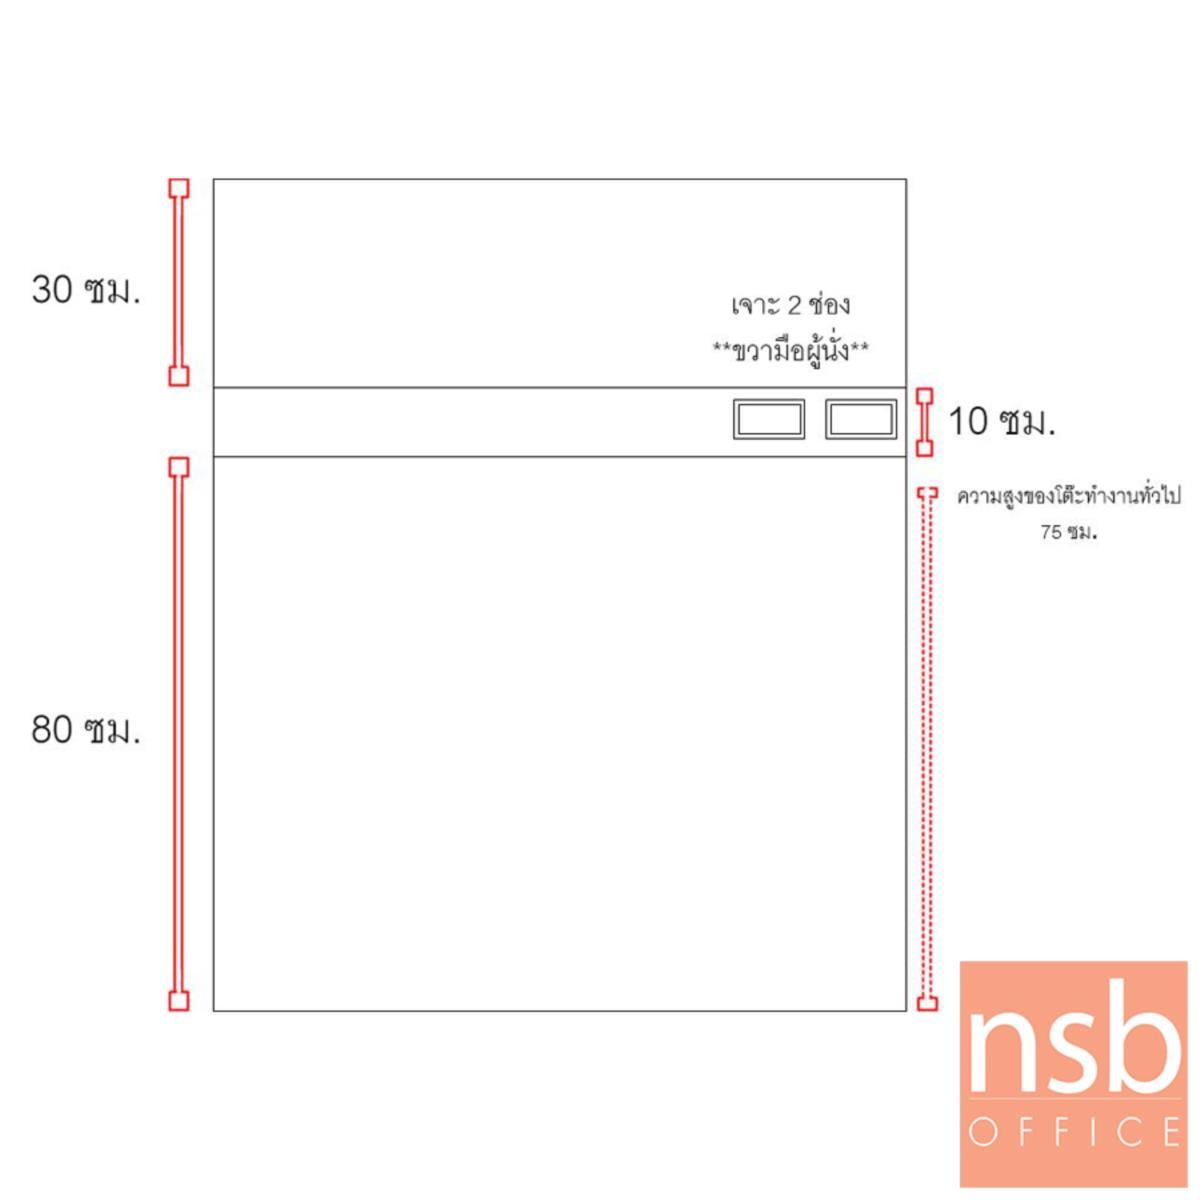 พาร์ทิชั่น NSB ครึ่งกระจกขัดลายแบบมีรางไฟตรงกลาง สูง 120 ซม. พร้อมเสาเริ่ม